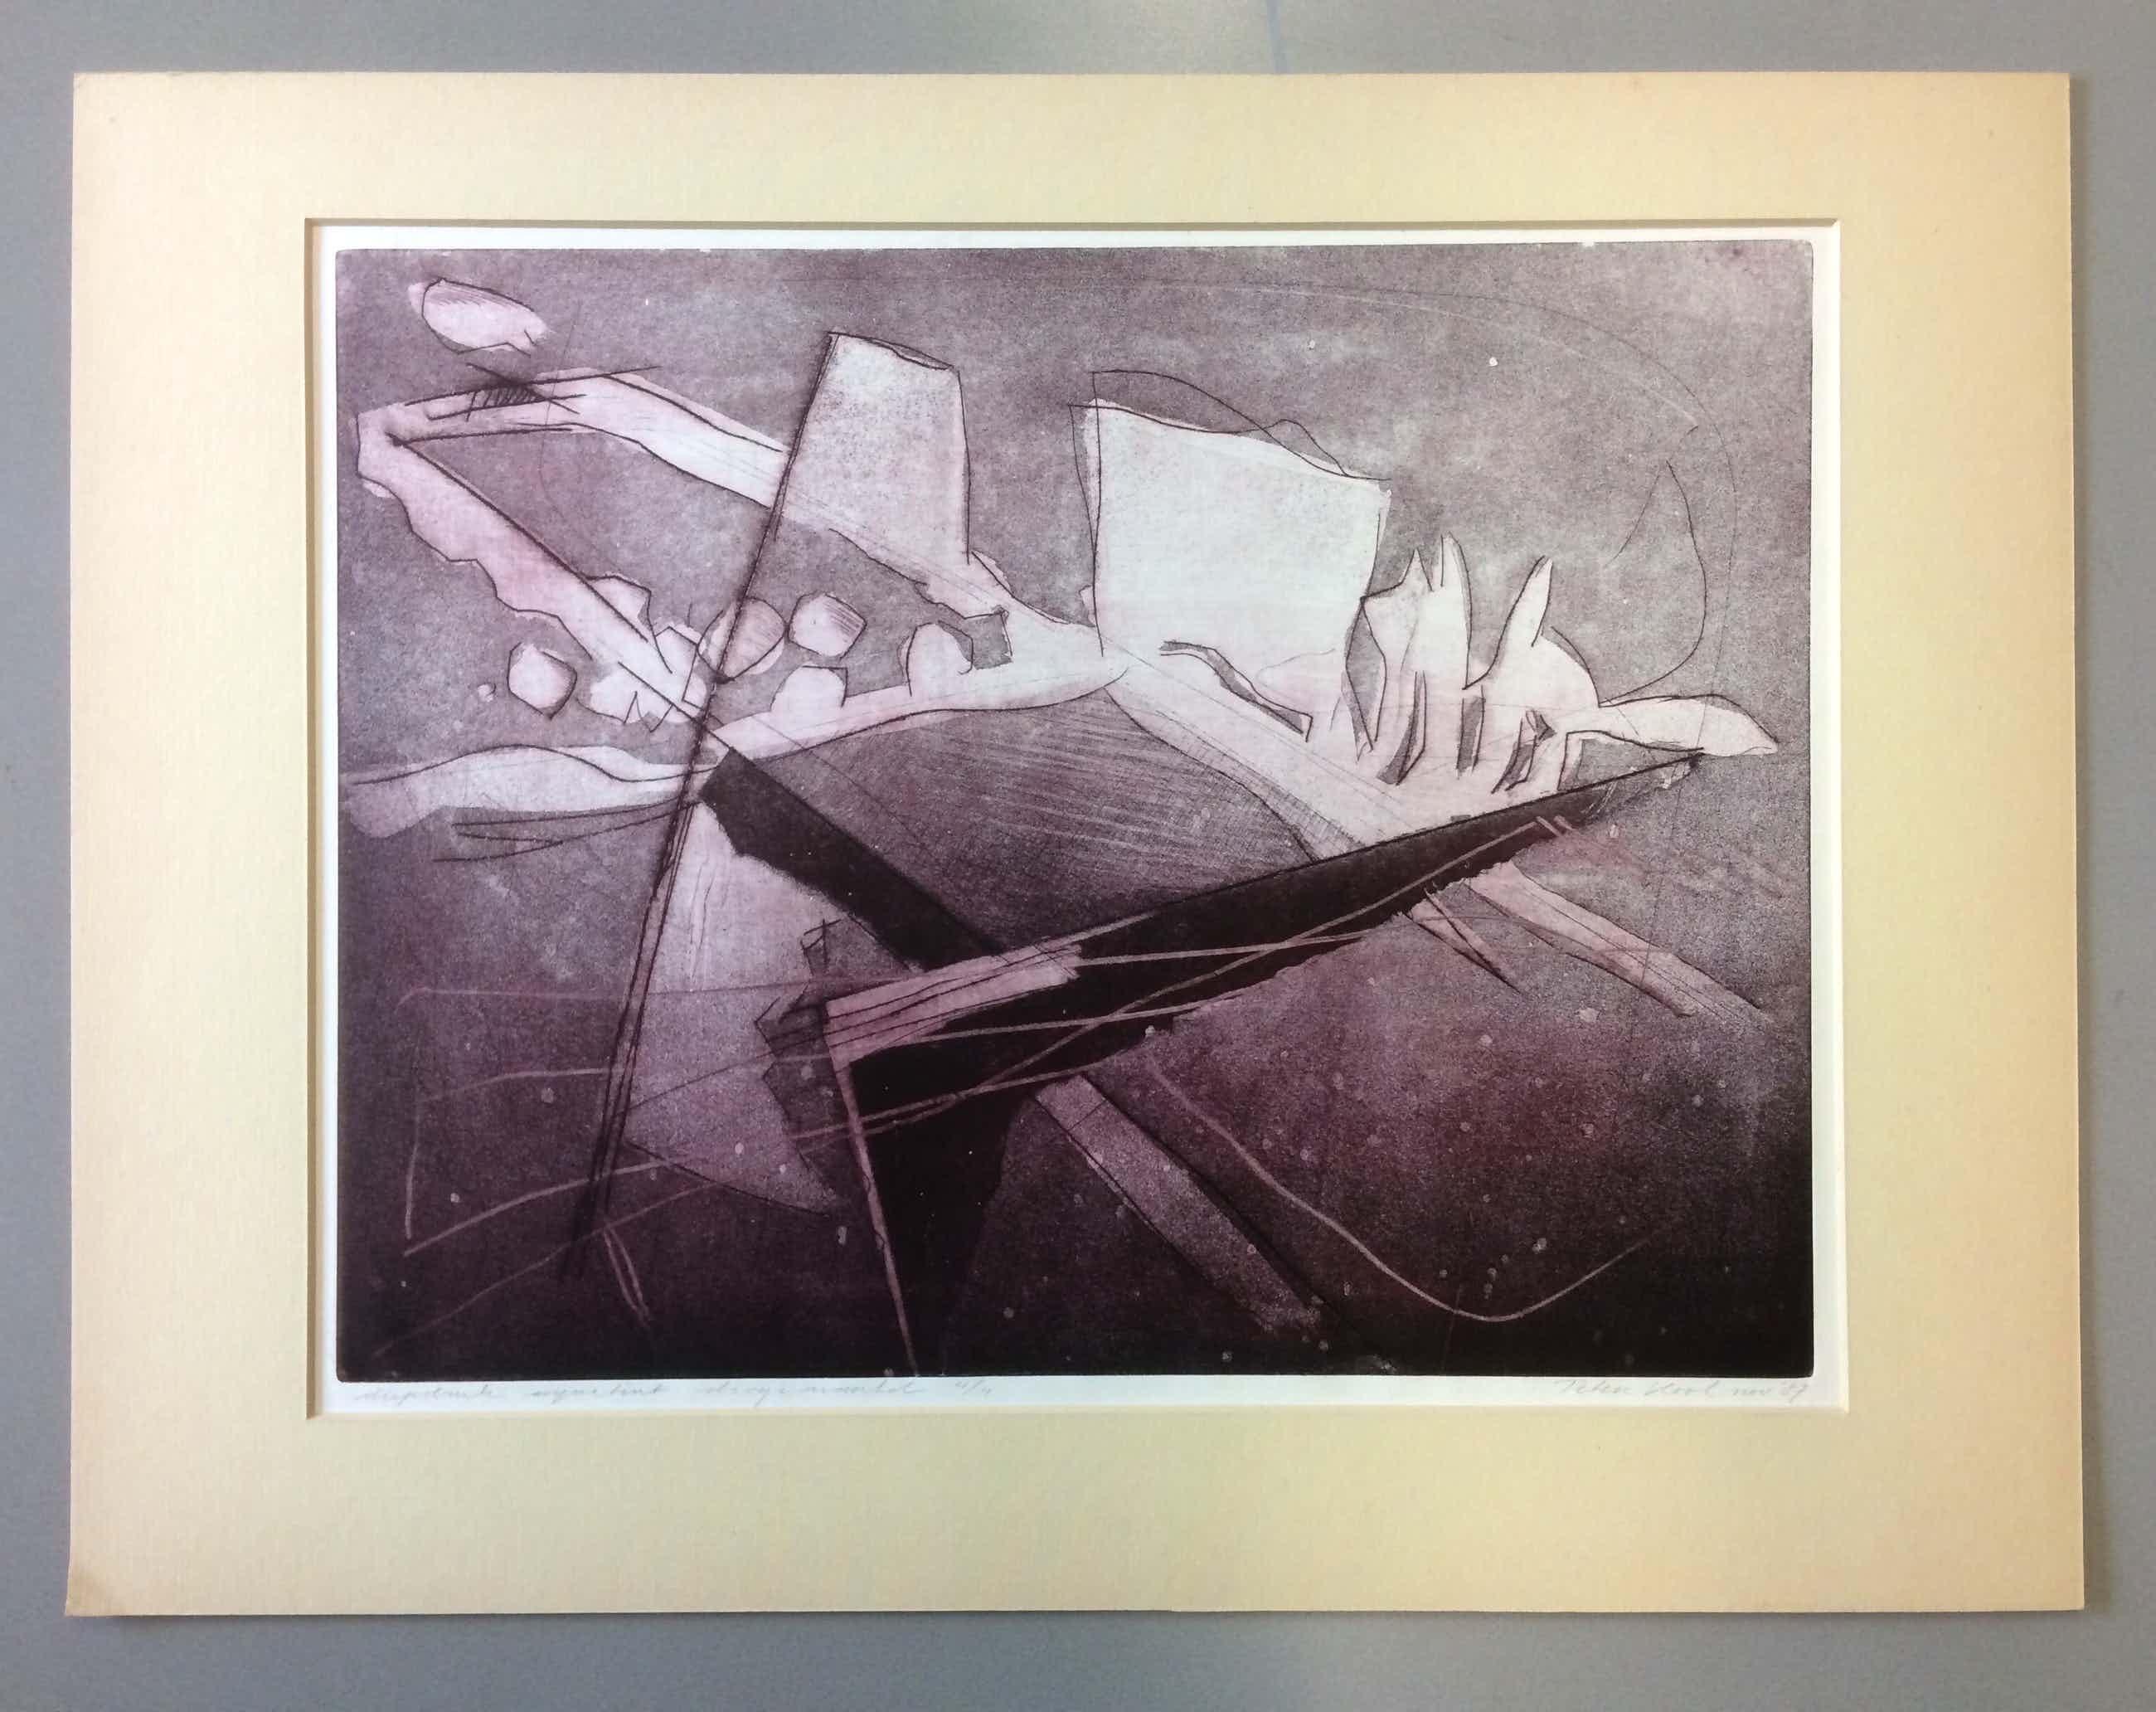 Peter Kool - Abstract Landschap kopen? Bied vanaf 75!